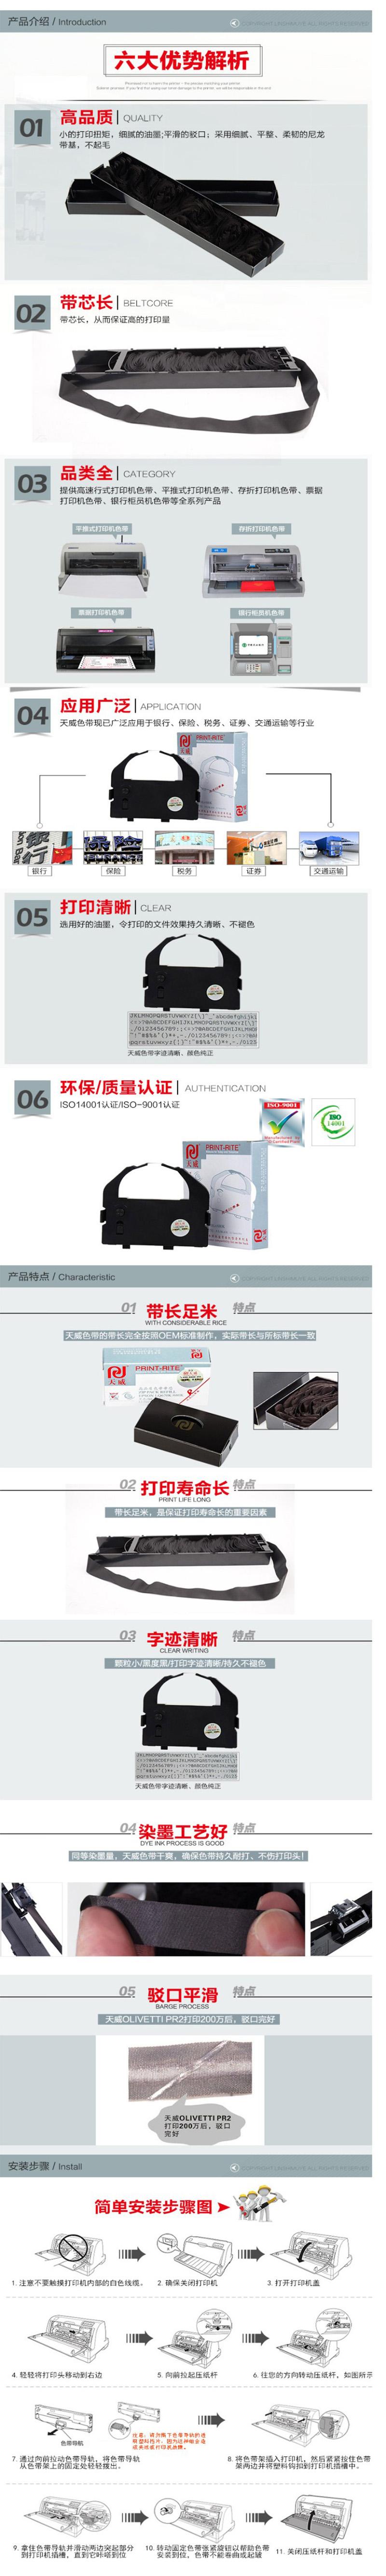 天威 LQ670K 色带架(含色芯) (适用于爱普生EPSON 655k 730k 735k 80kf 610k 615k 80kfll针式打印机)